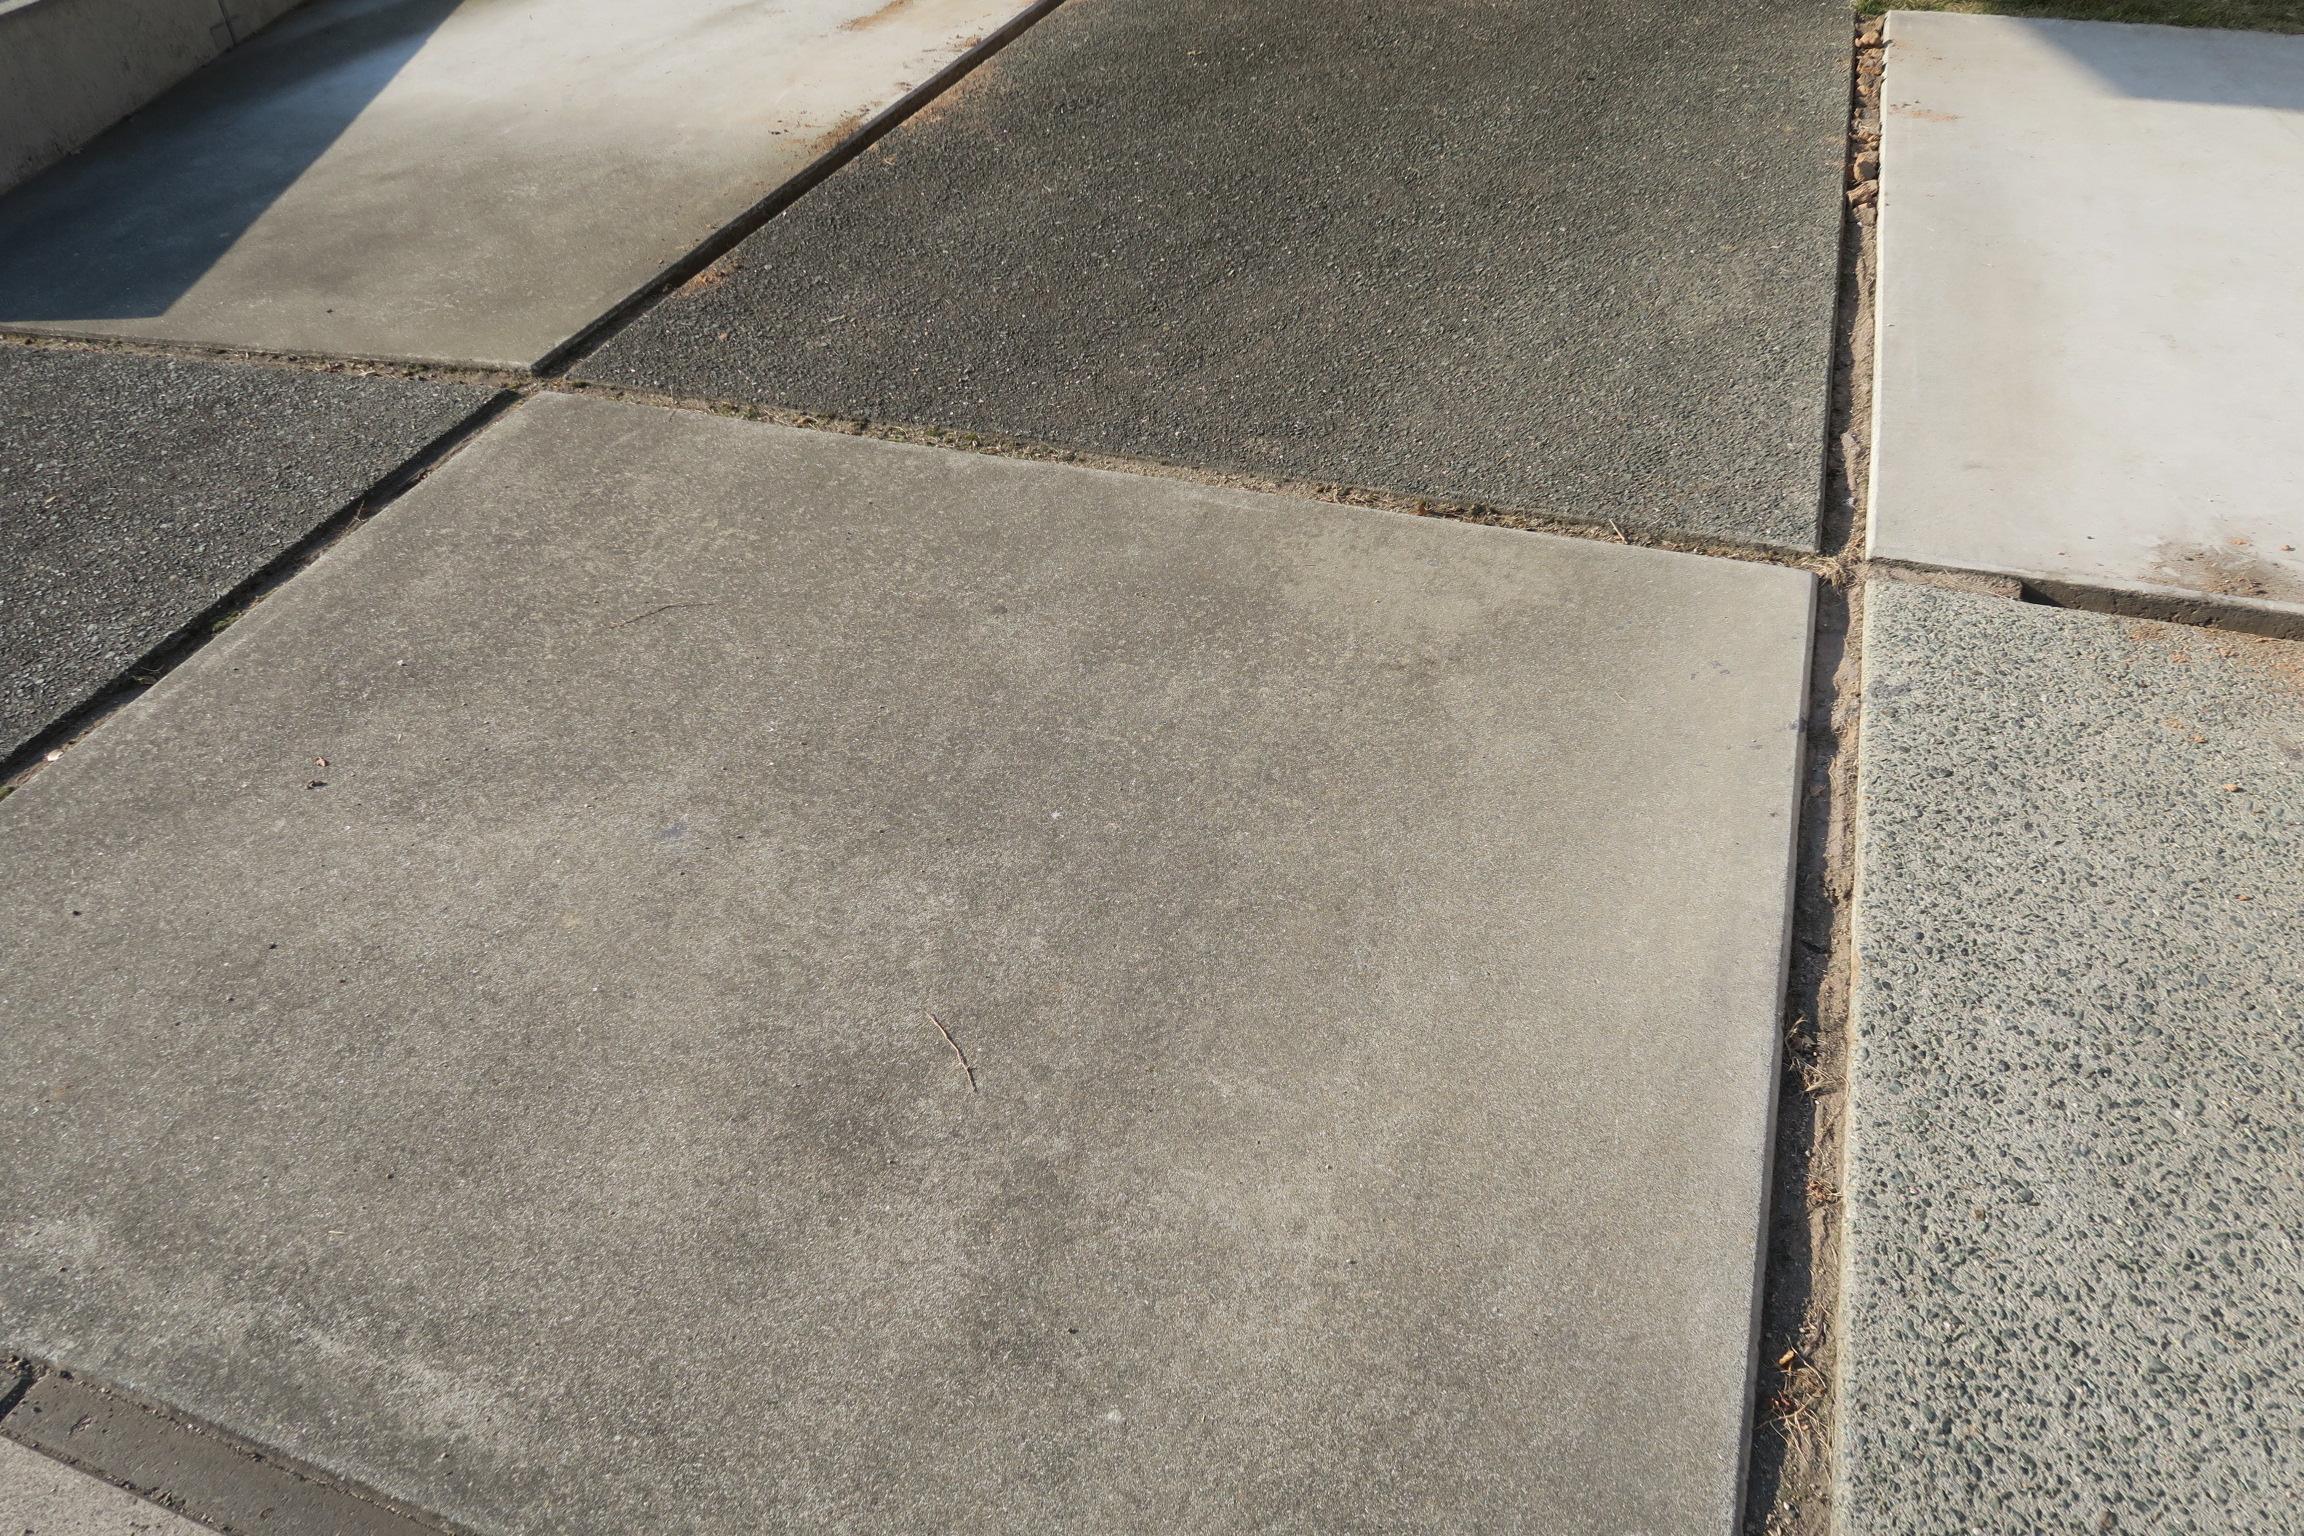 駐車場の目地を固まる砂で埋めると後悔する3つの理由